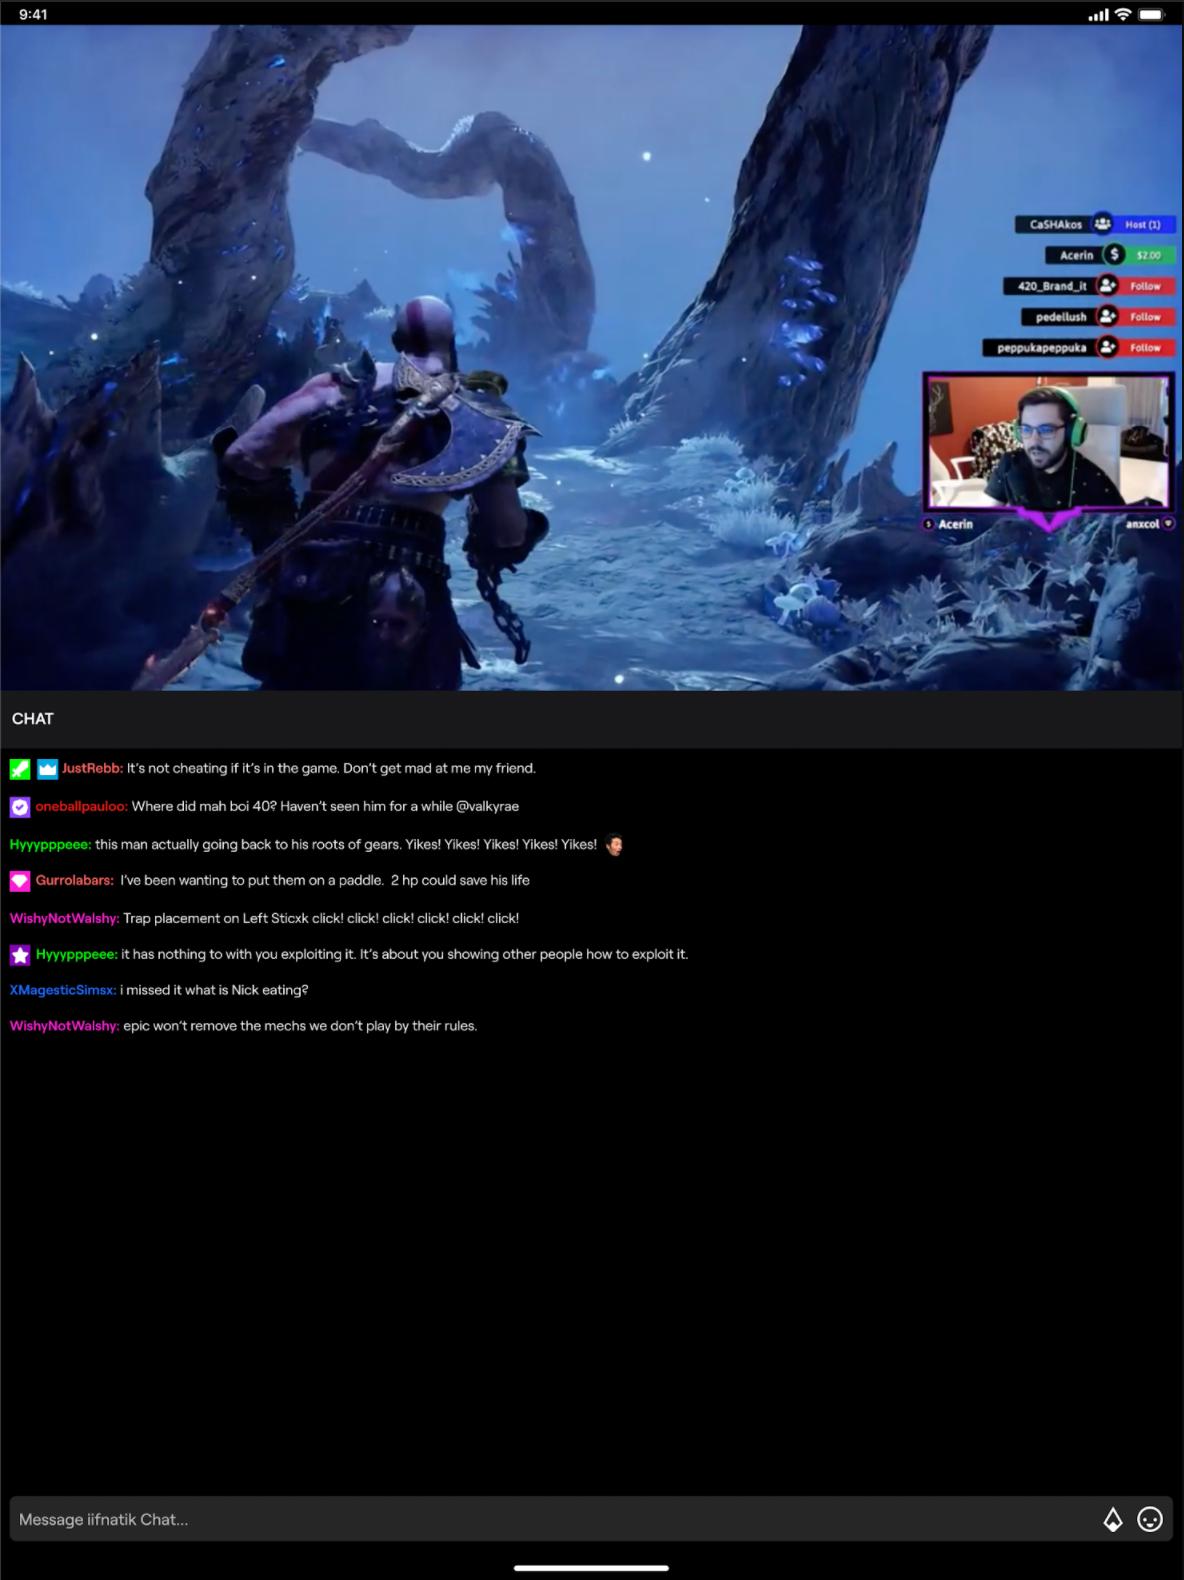 Twitch 游戏直播画面,Nativex